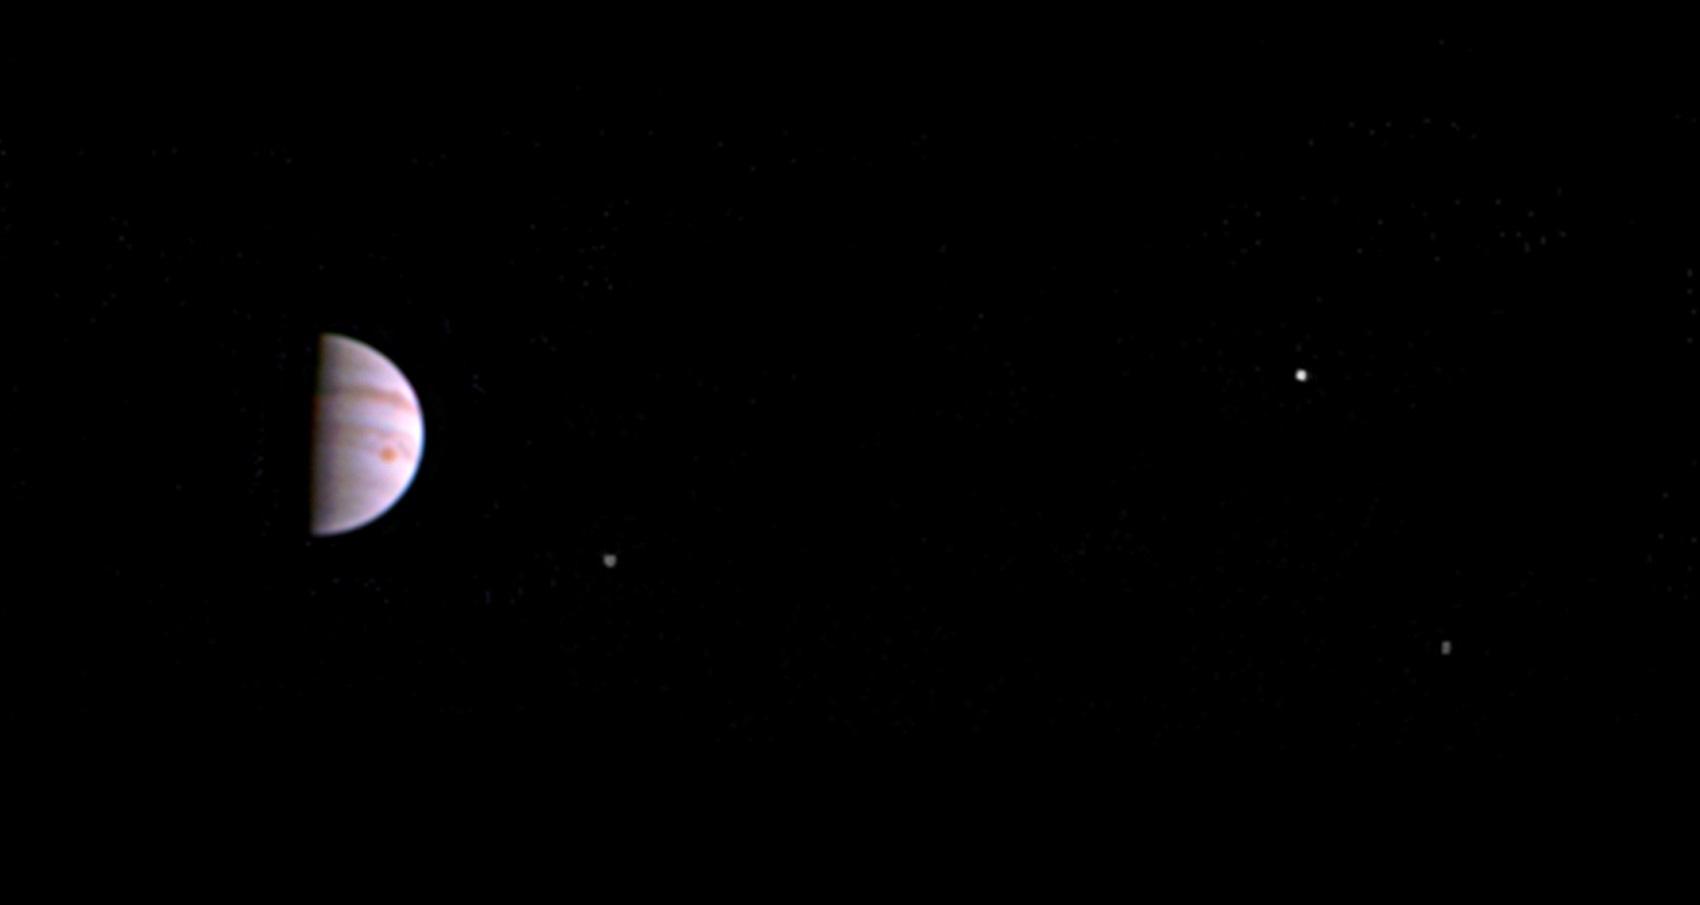 Imagem feita pela JunoCam mostra Júpiter e três das quatro luas do planeta  (Foto: NASA/JPL-Caltech/SwRI/MSSS)